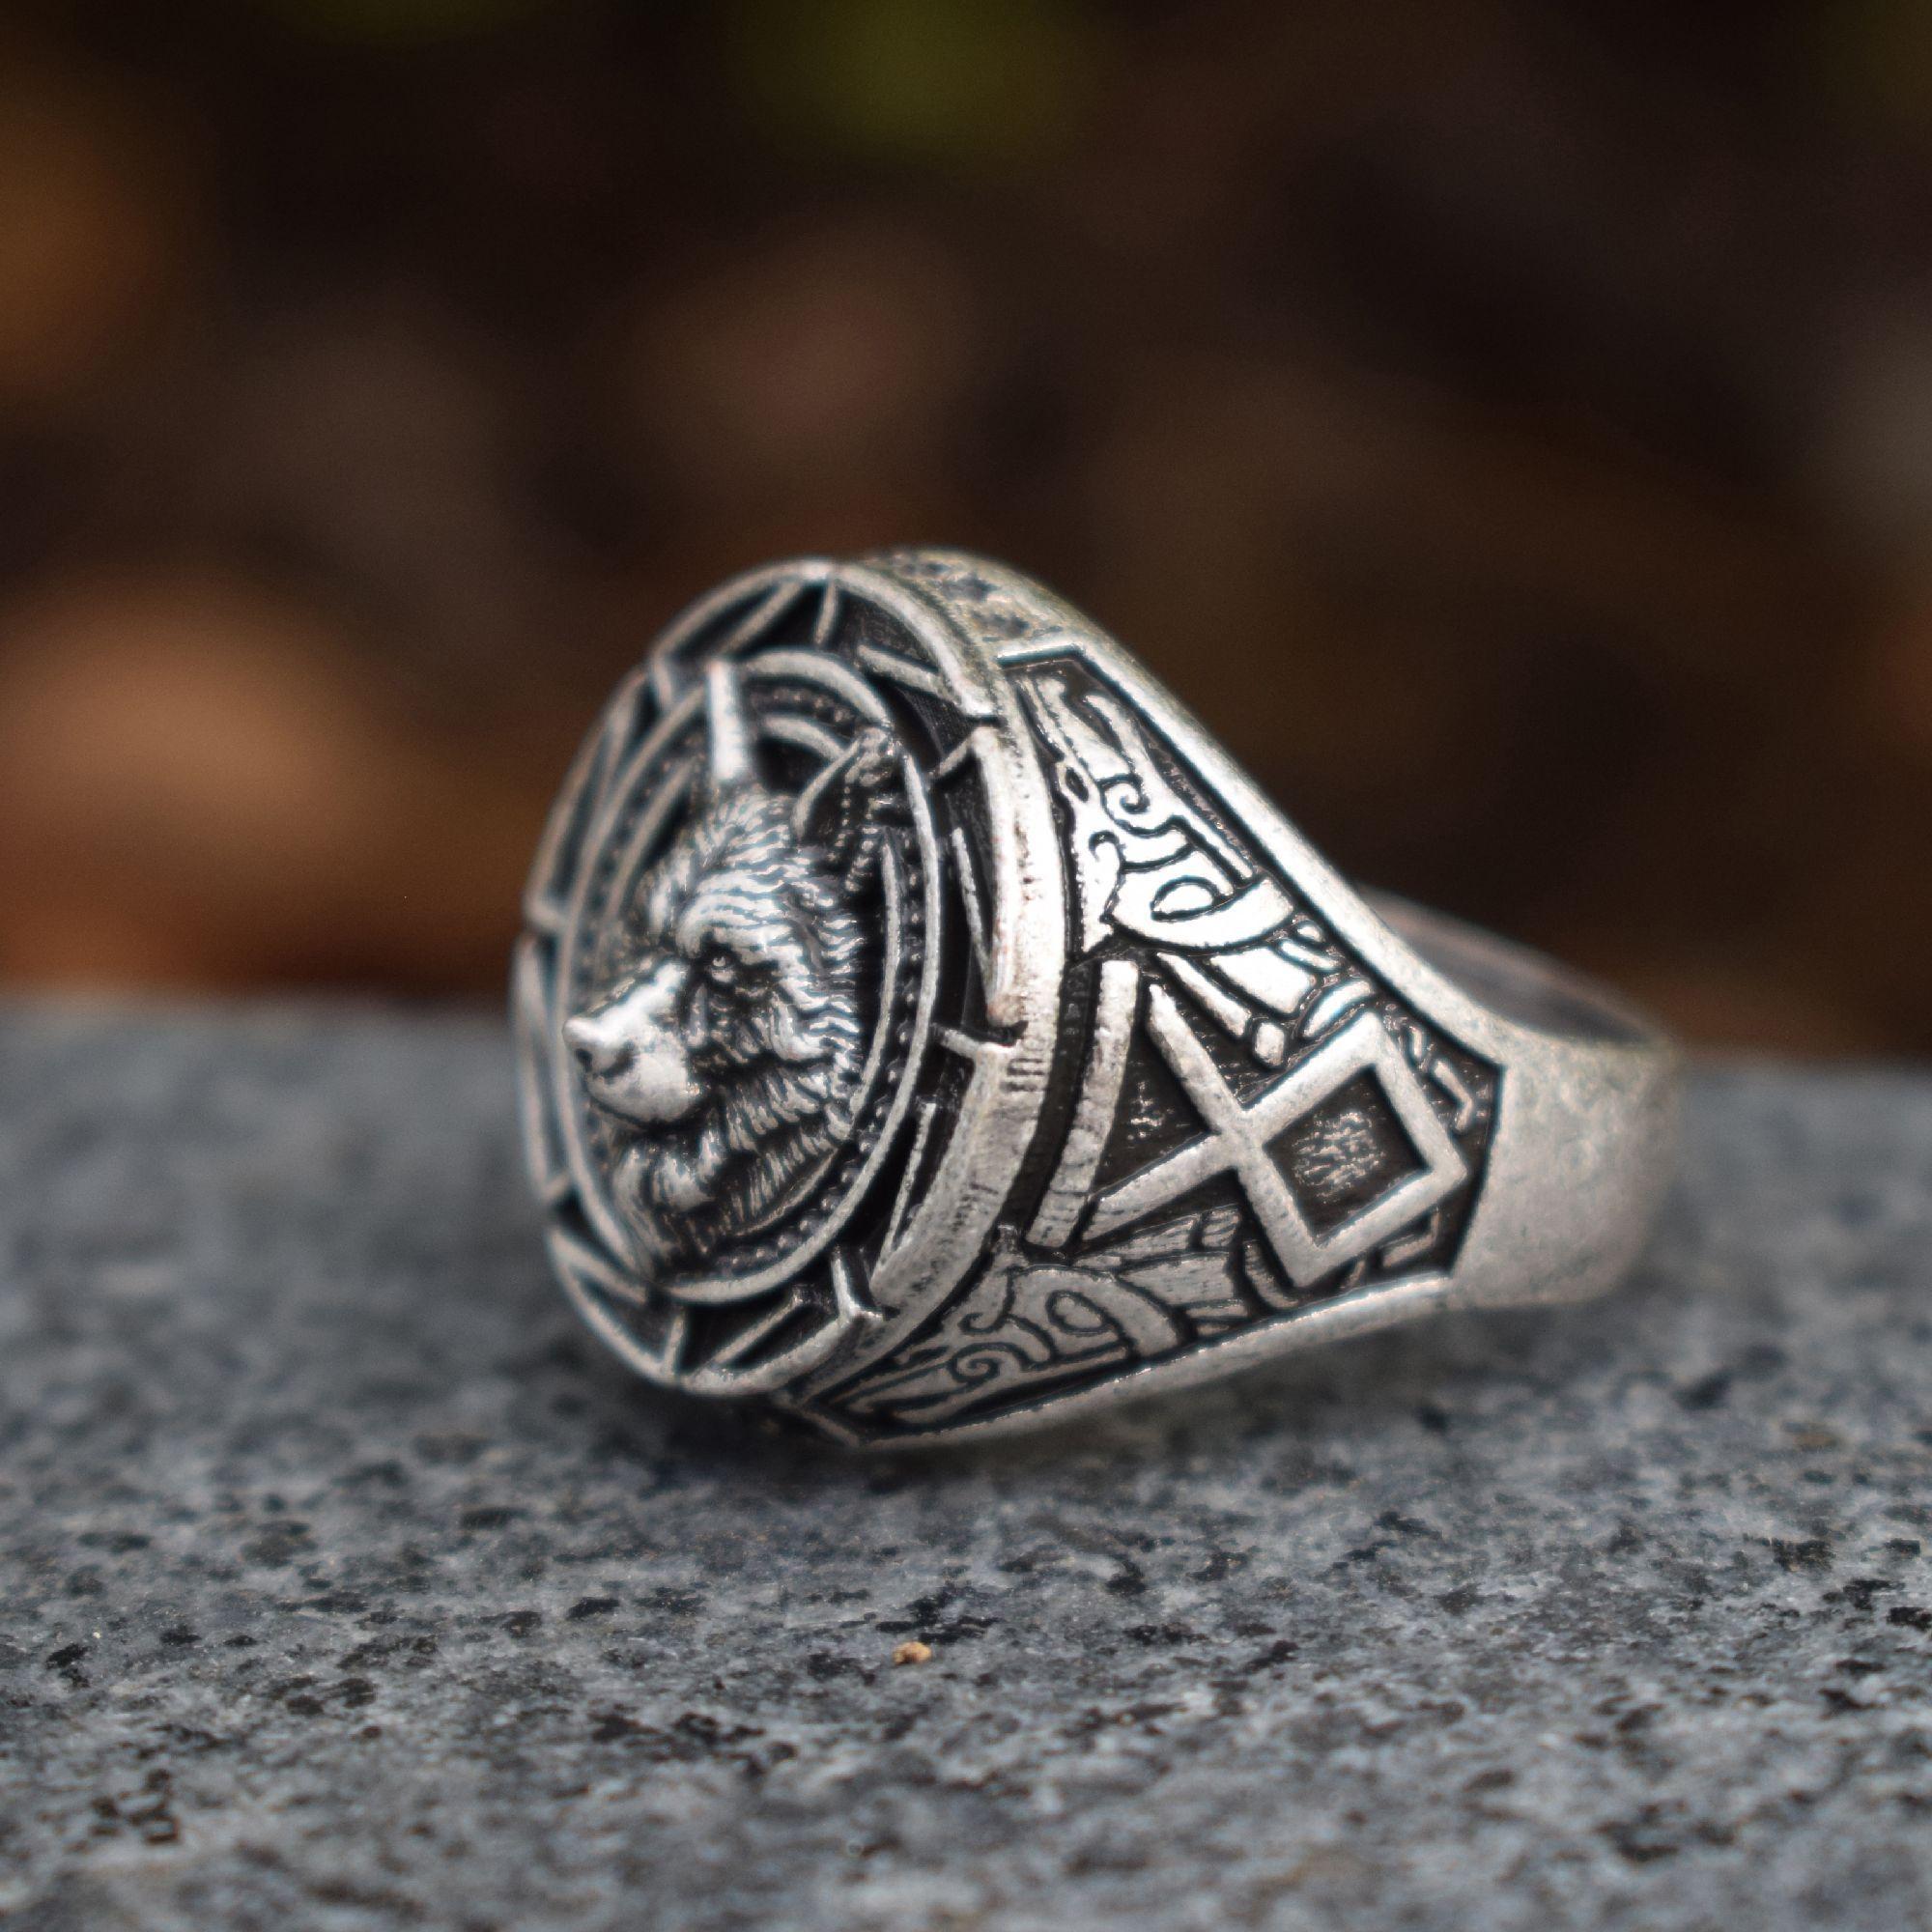 السلافية الذئب رجل السائق القوطي عصابة الذئب مجوهرات الشرير مجوهرات خواتم الذئب رجل هدية 12 قطعة / الوحدة